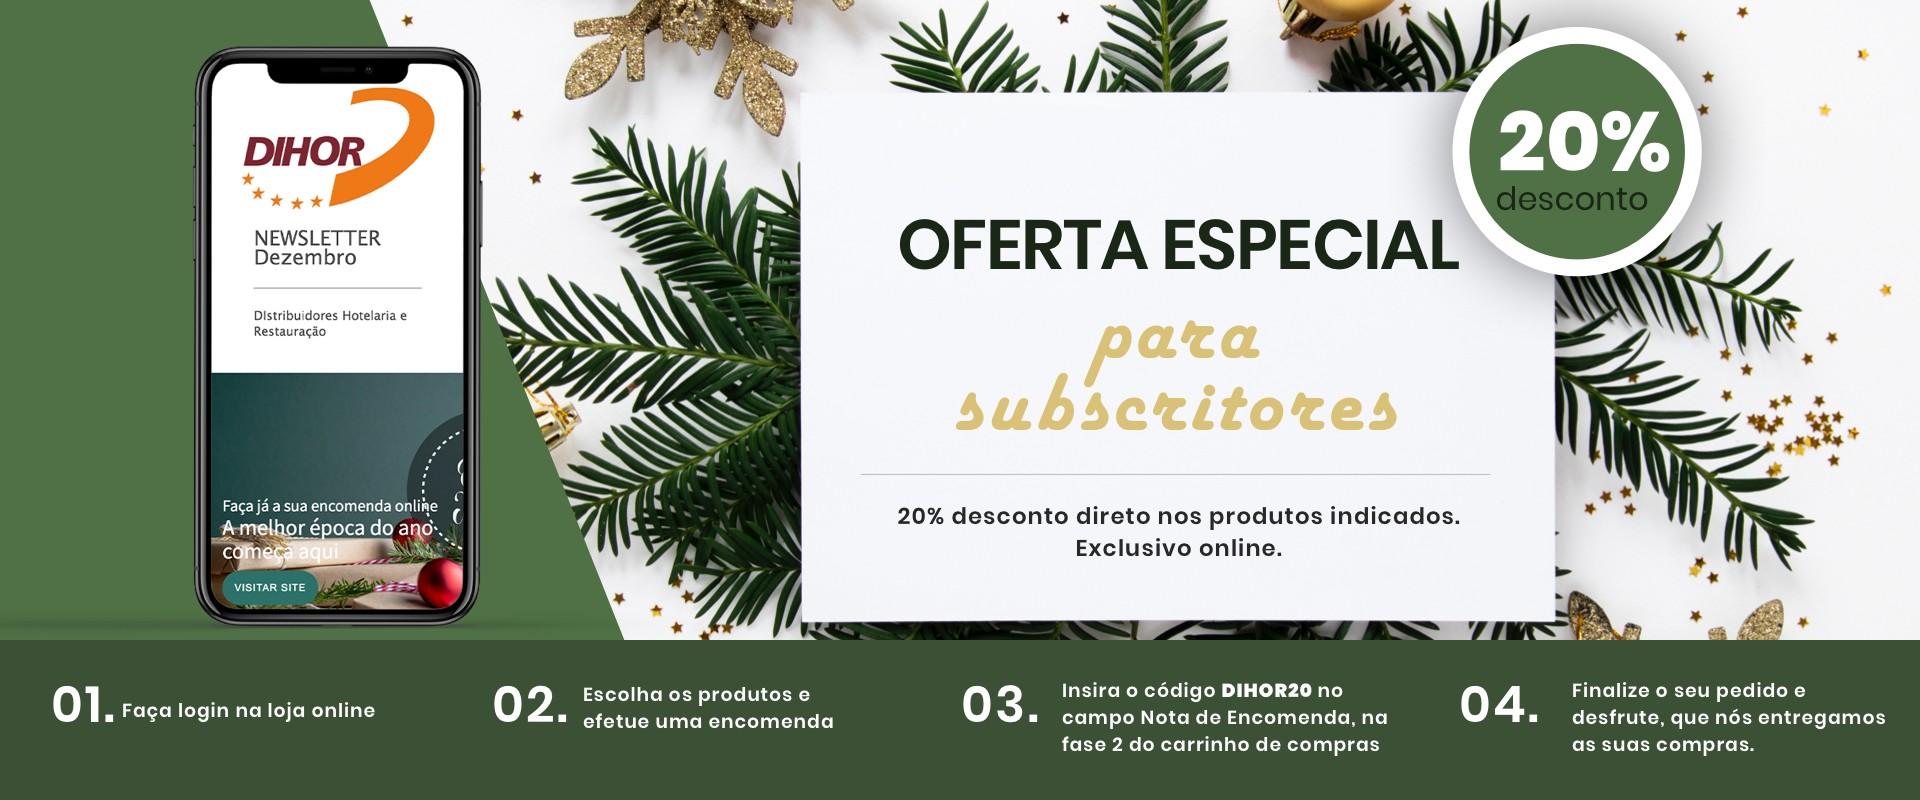 Oferta Exclusiva Subscritores